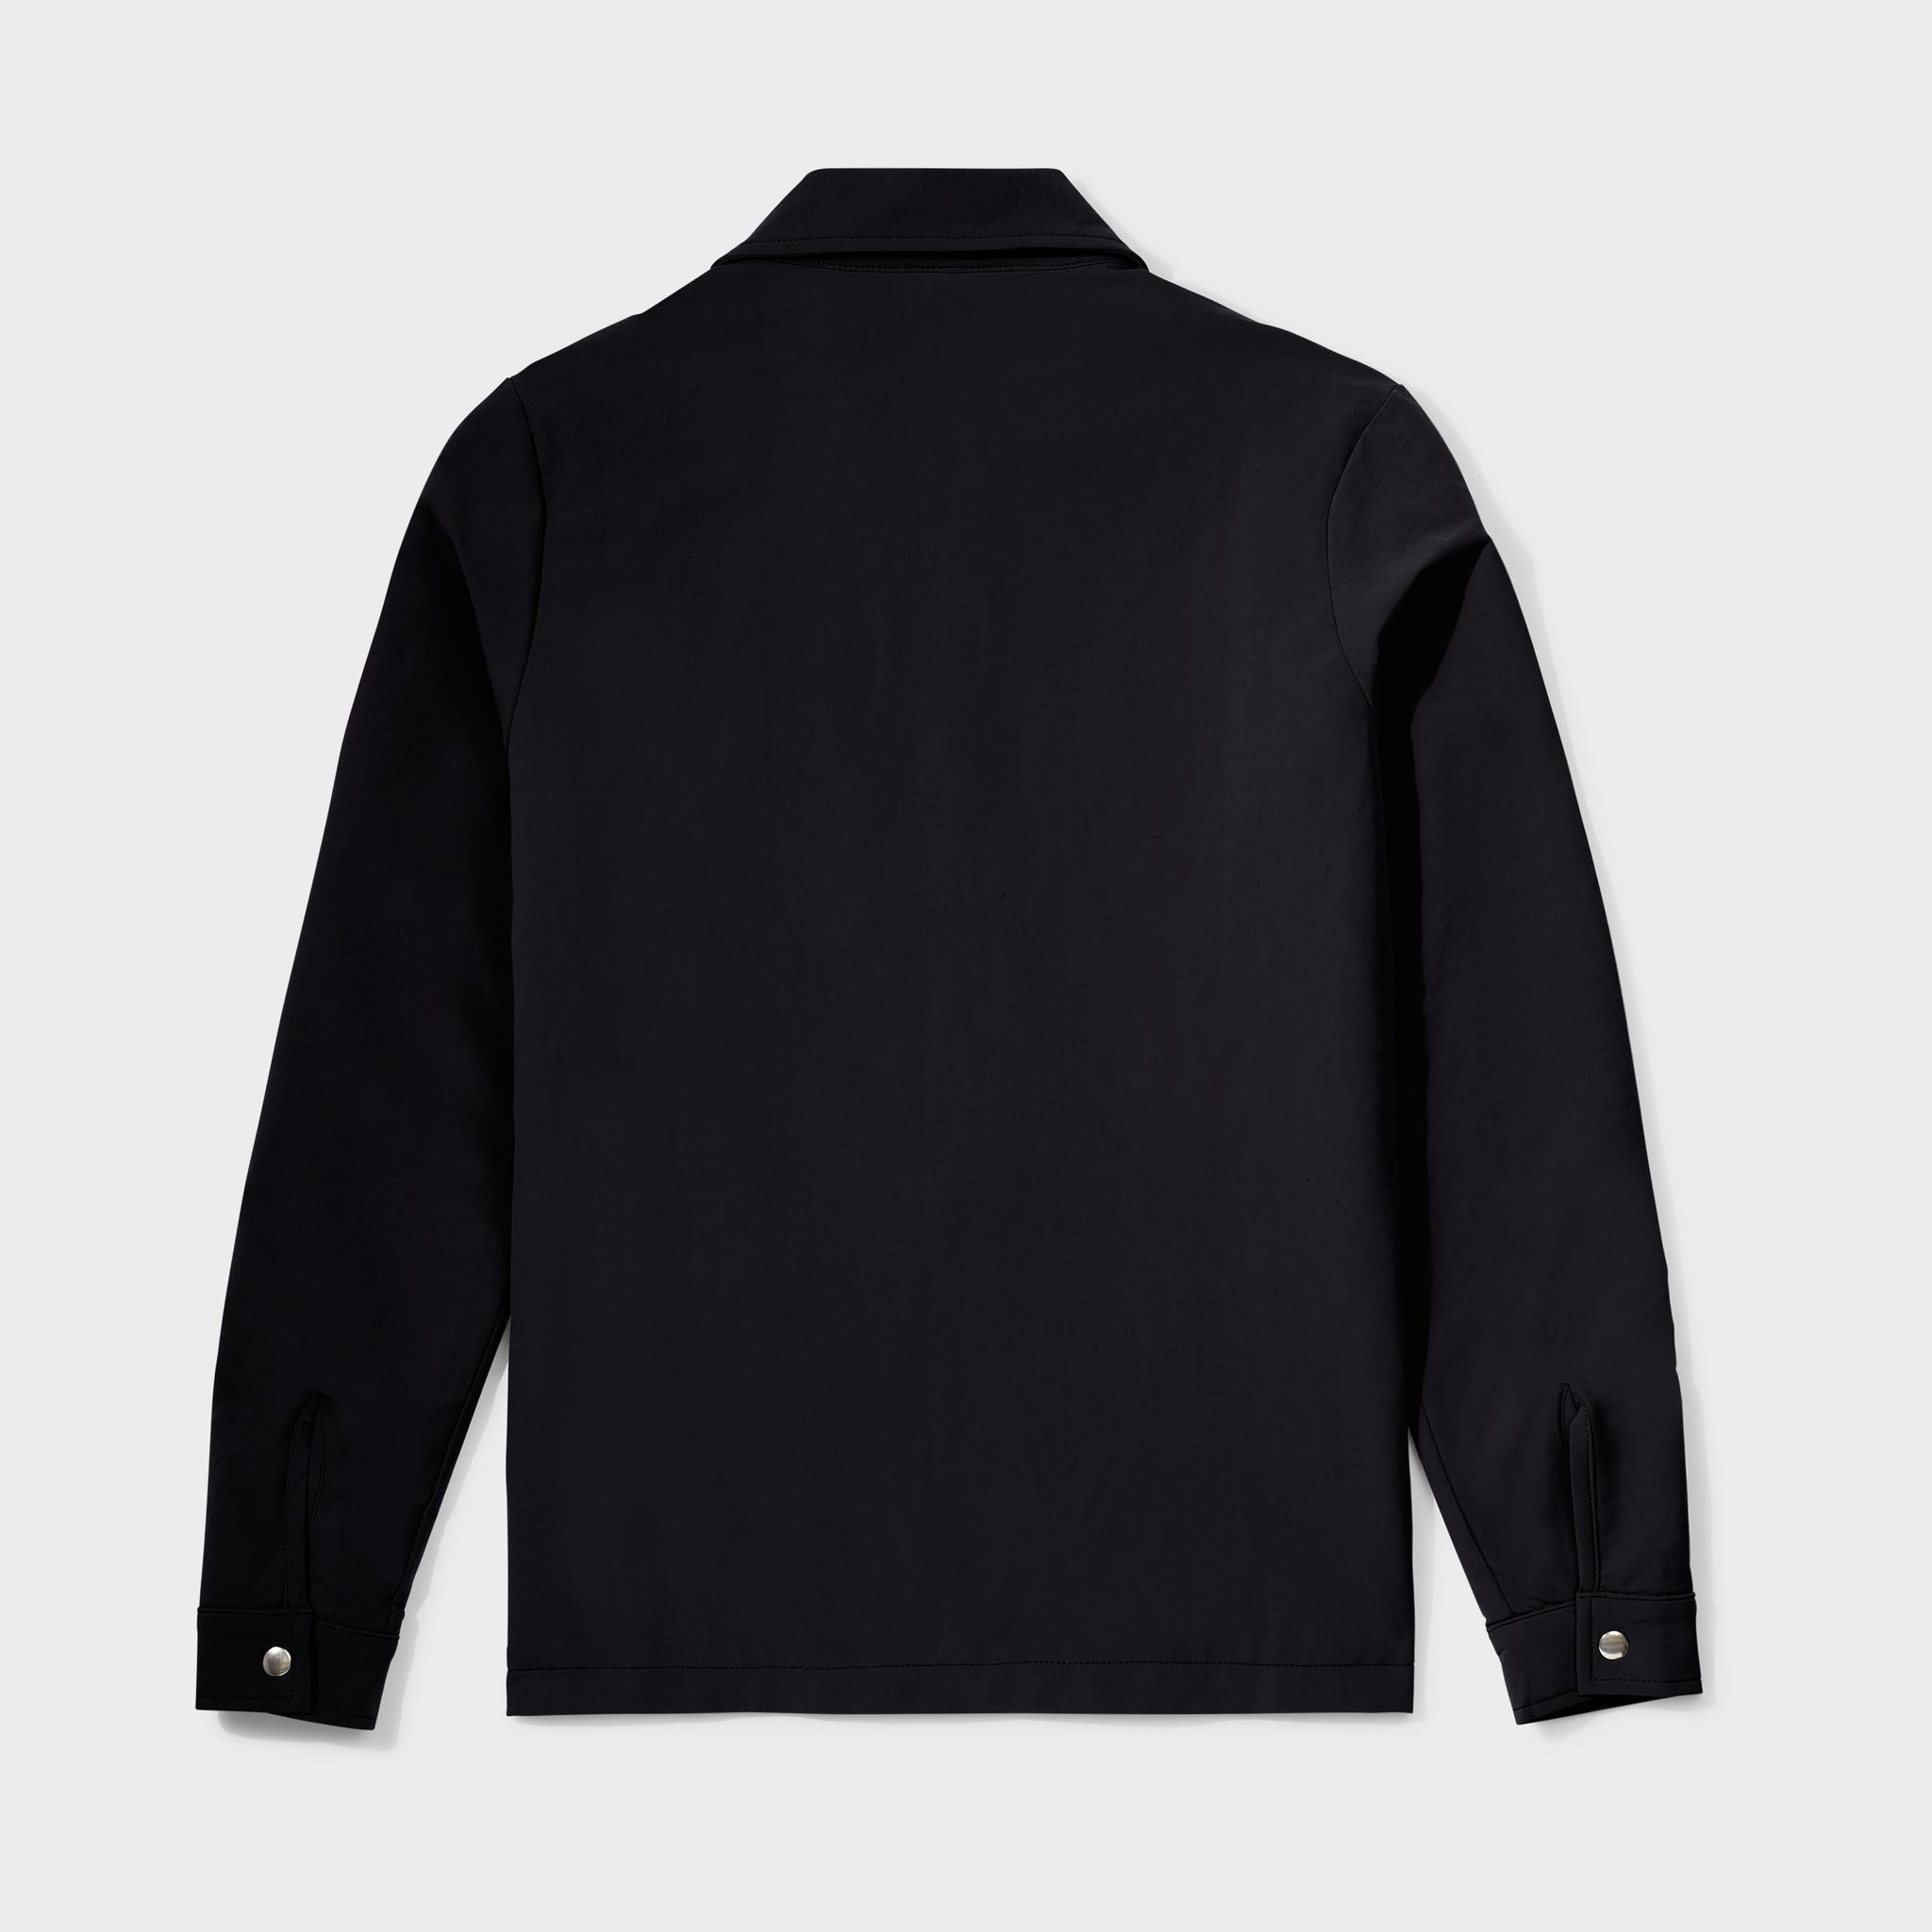 Cargo jacket black-2